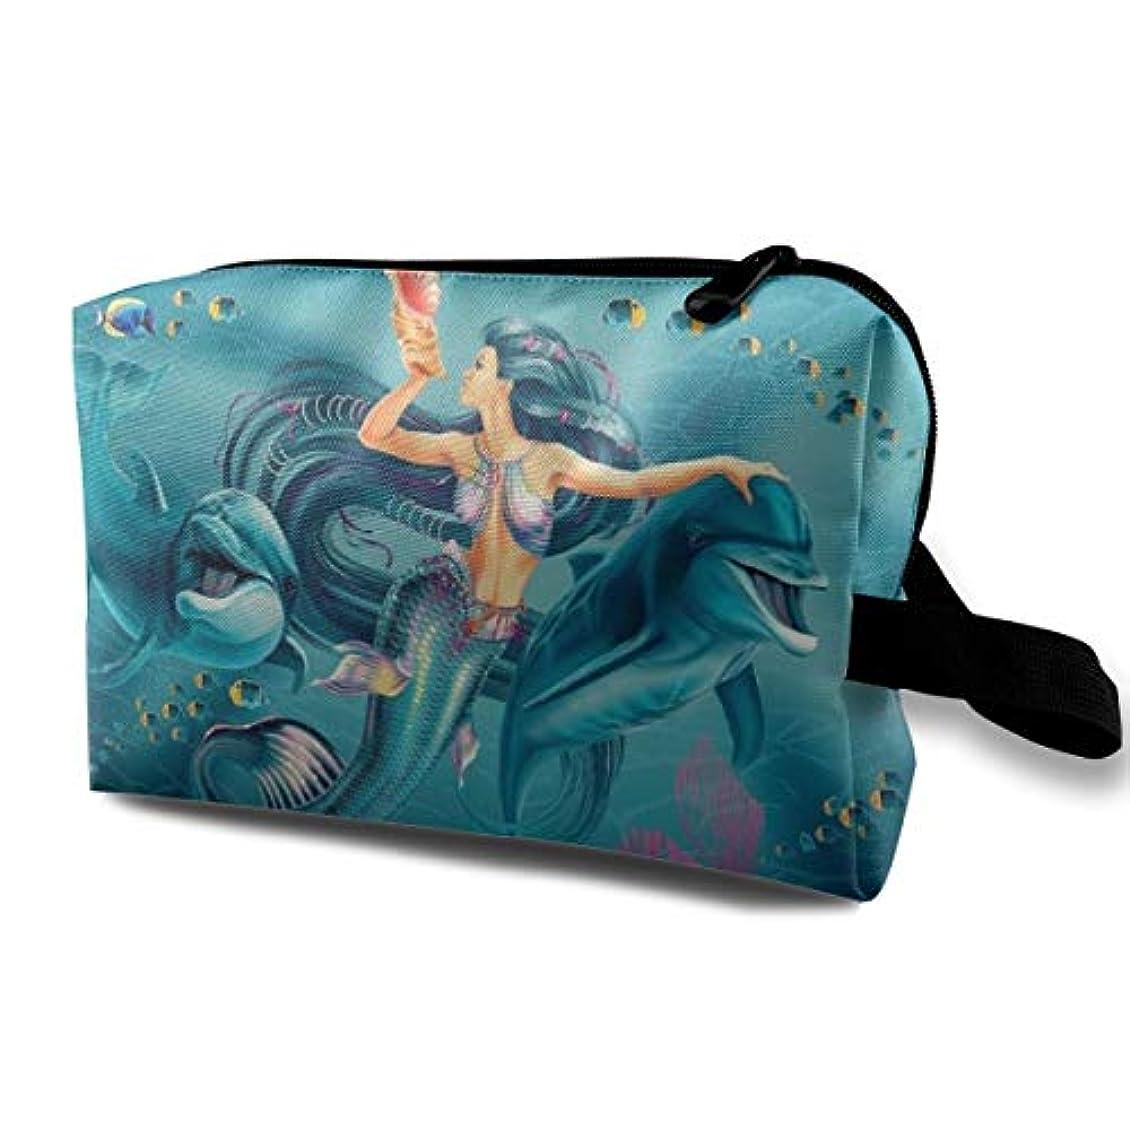 艶メディアマリンCool Mermaid Queen And Fish In The Blue Sea 収納ポーチ 化粧ポーチ 大容量 軽量 耐久性 ハンドル付持ち運び便利。入れ 自宅?出張?旅行?アウトドア撮影などに対応。メンズ レディース トラベルグッズ